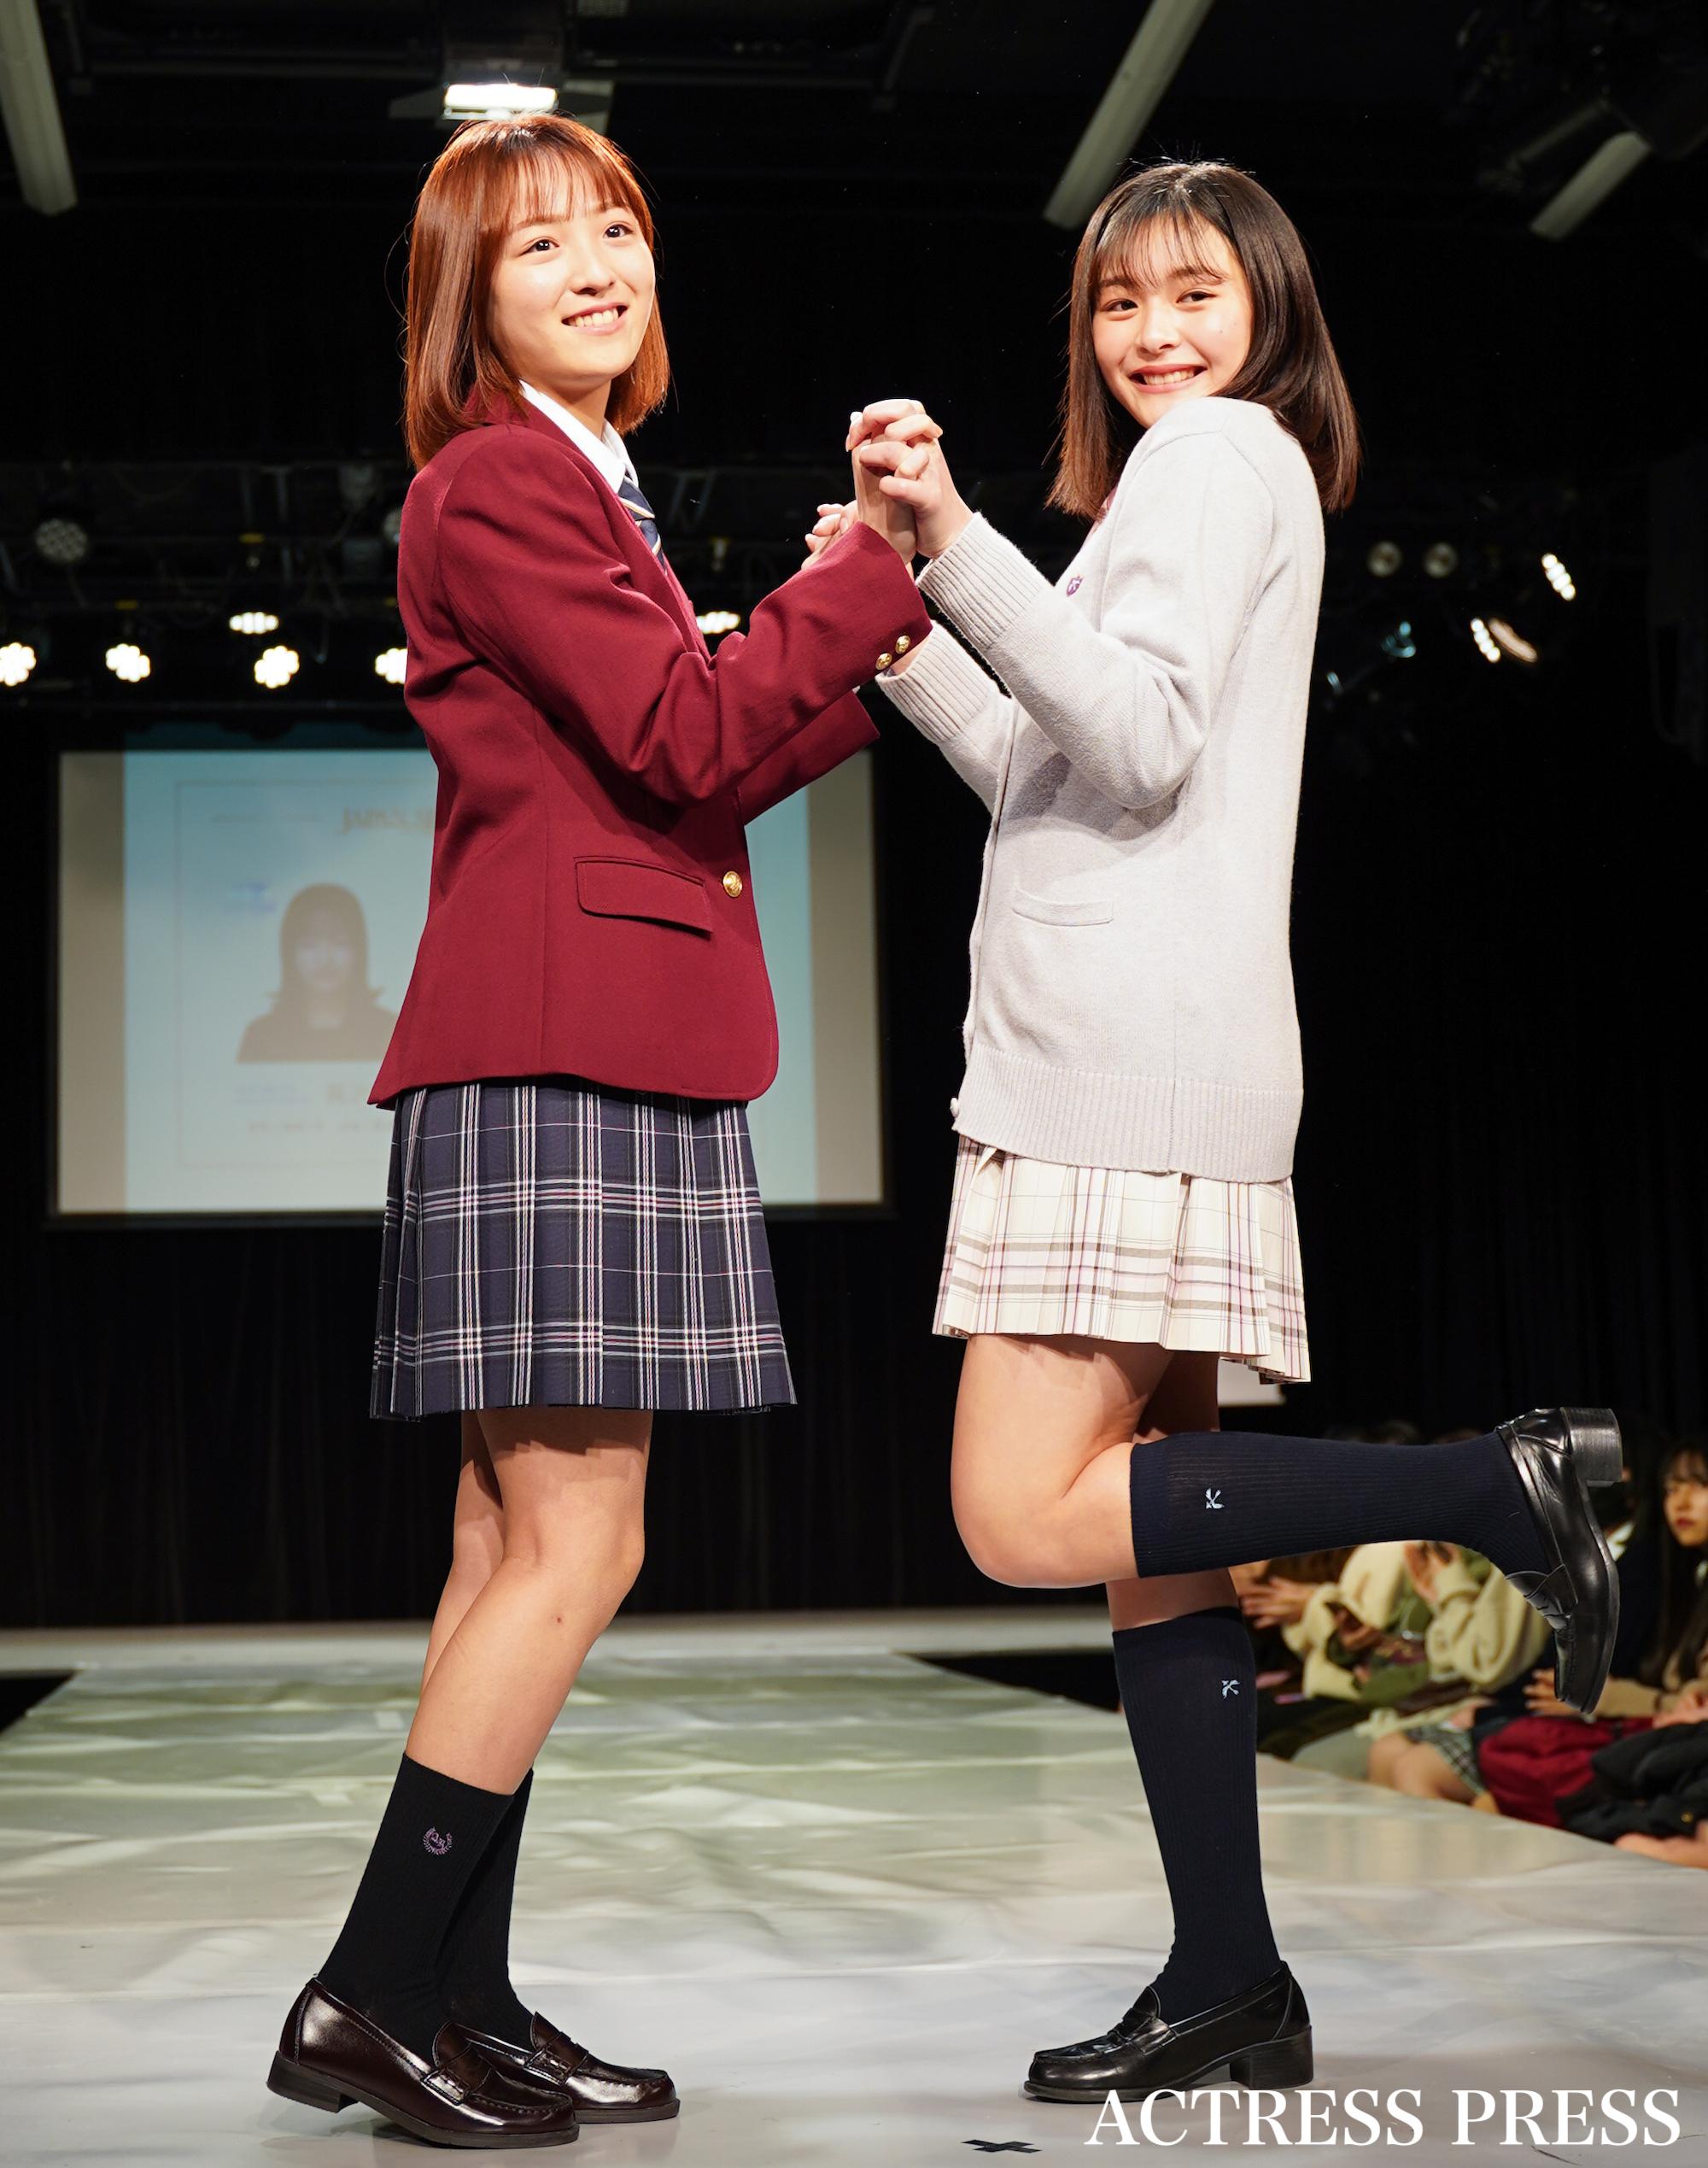 高沢朋花、りの/「第7回日本制服アワード」にて(2020年2月2日):撮影:ACTRESS PRESS編集部